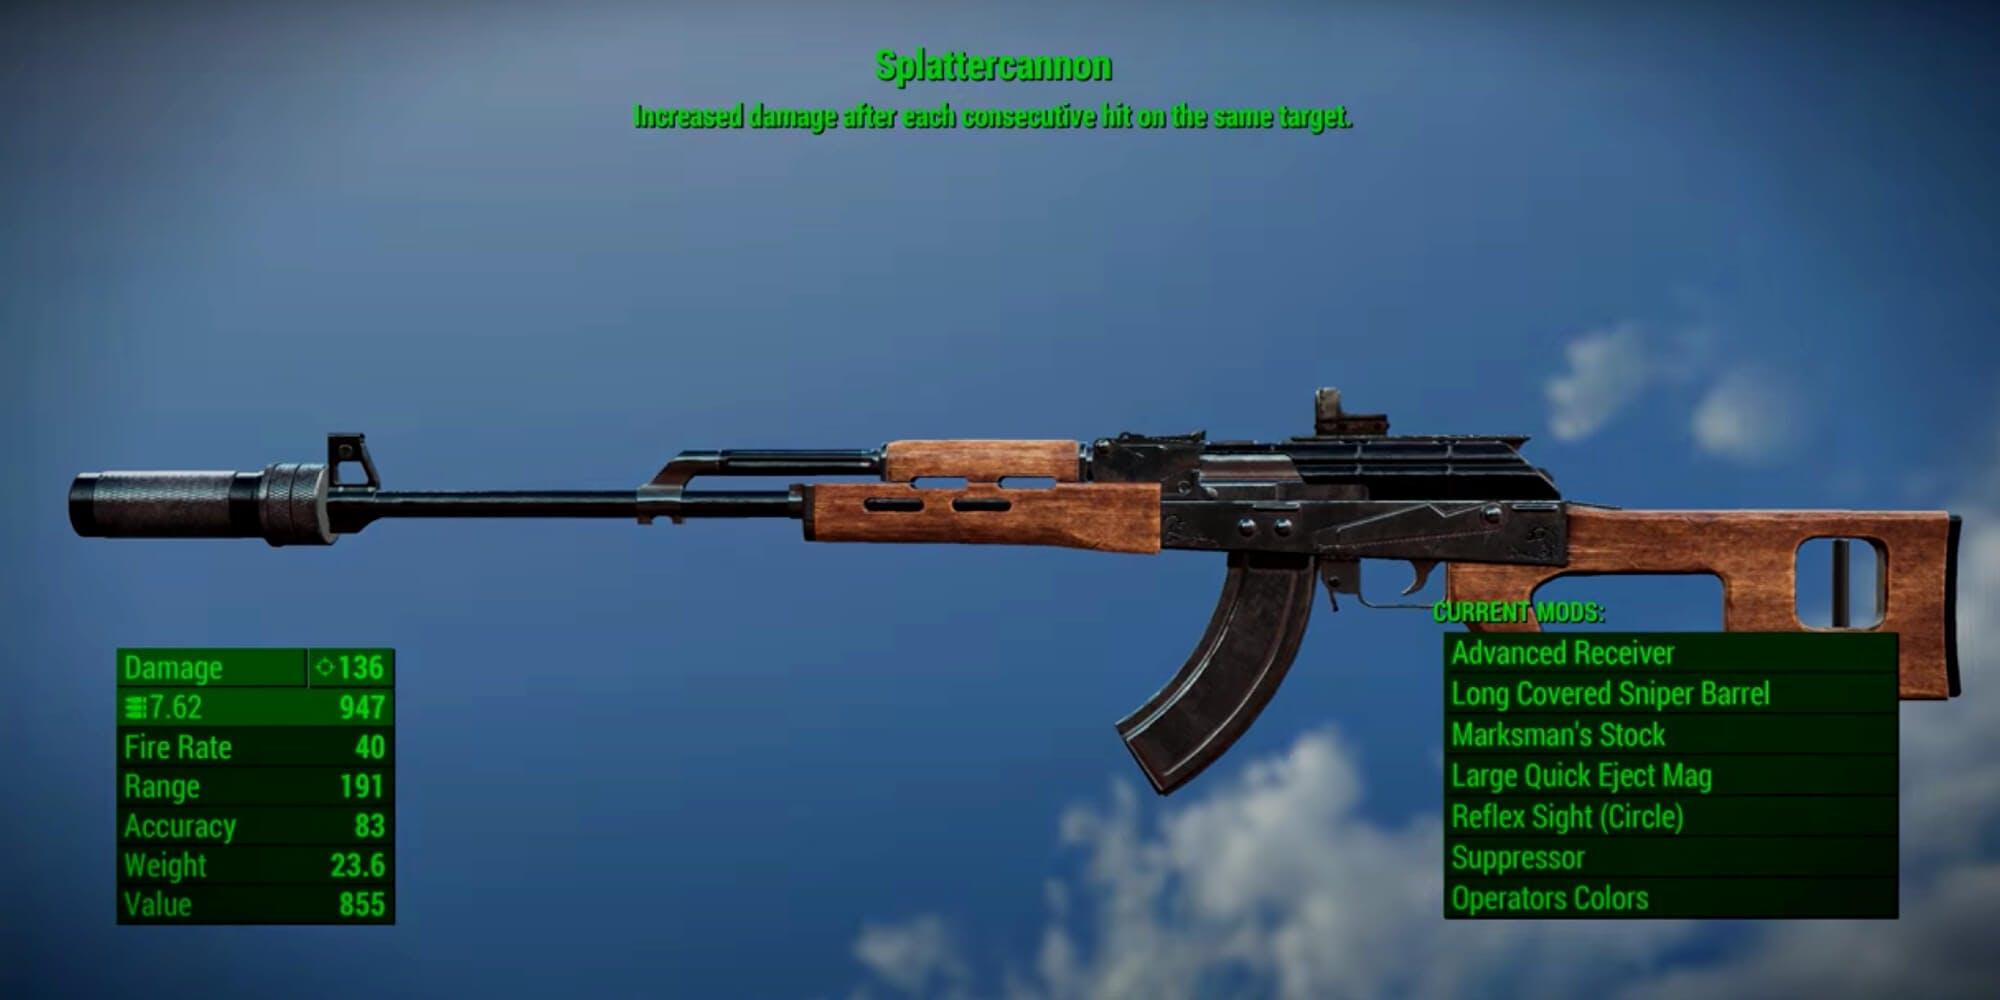 Fallout 4 - Splattercannon